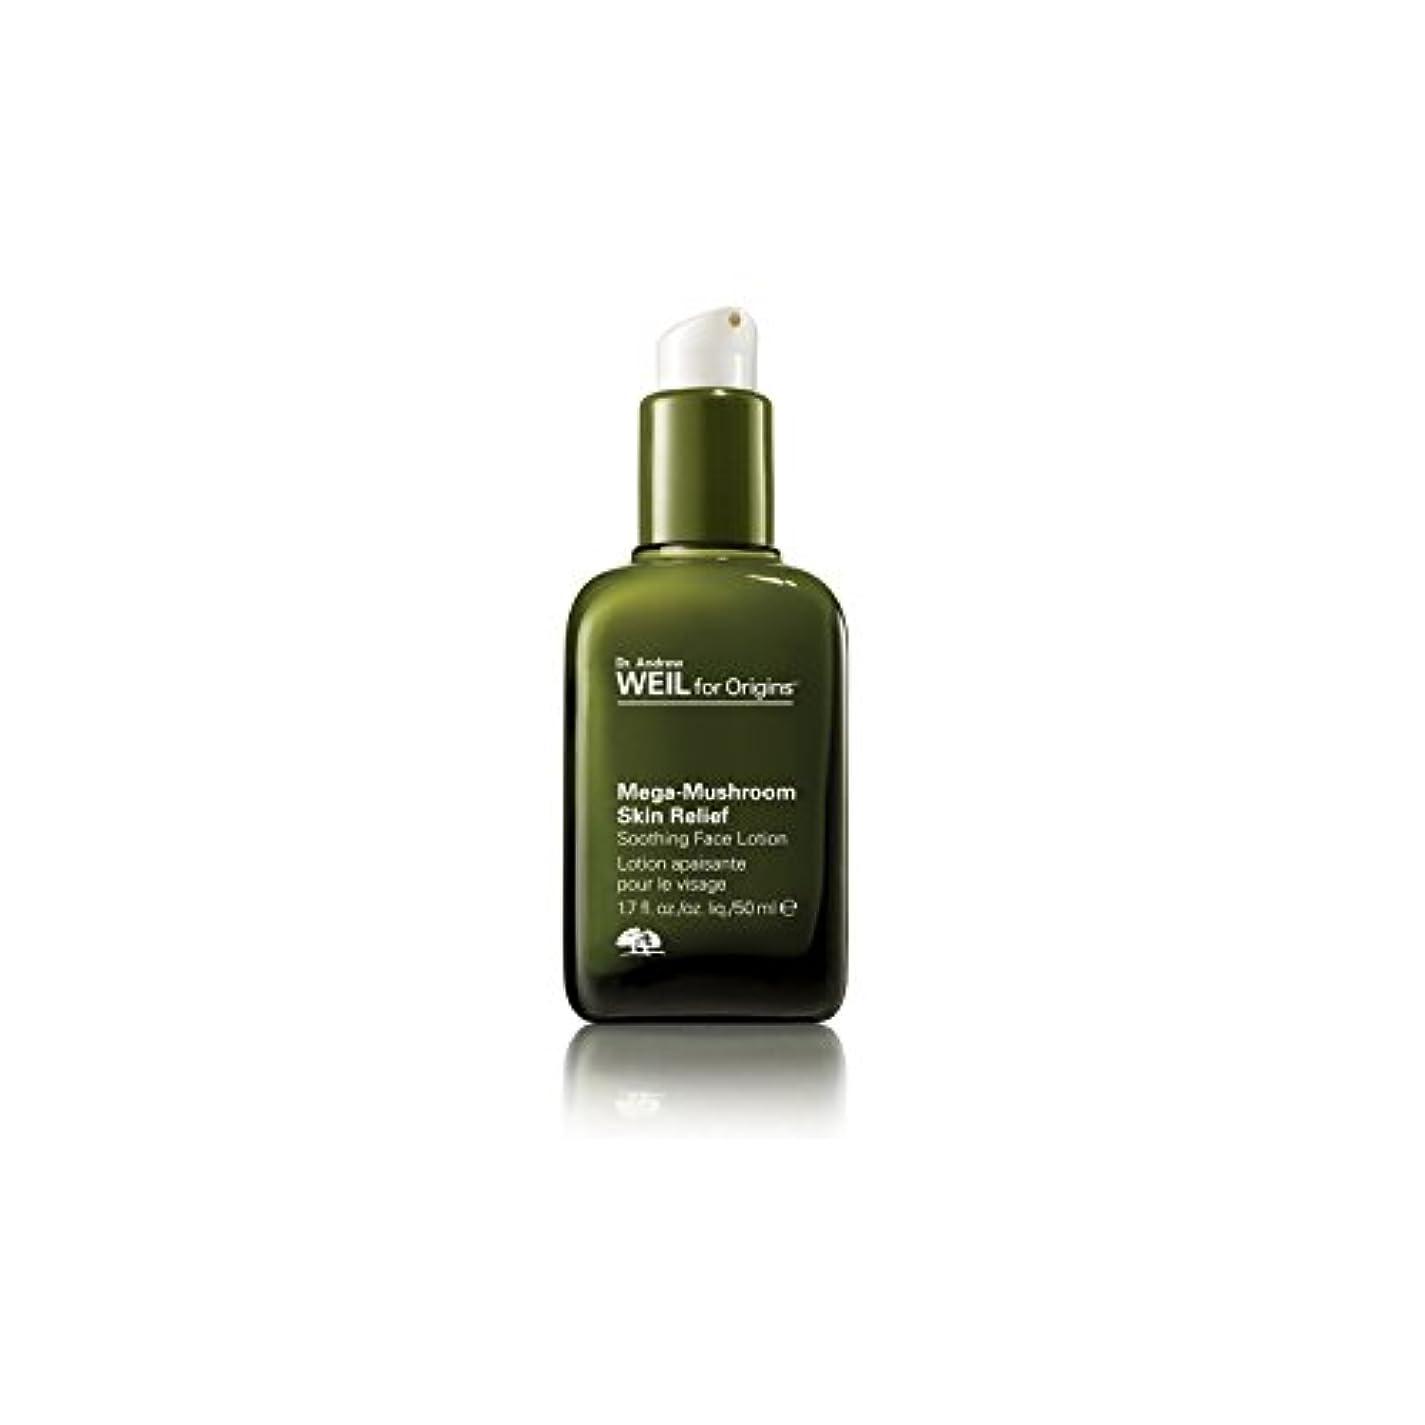 スライム時系列明らかにするOrigins Dr. Andrew Weil For Origins Mega-Mushroom Skin Relief Soothing Face Lotion 50ml (Pack of 6) - 起源アンドルー・ワイル...